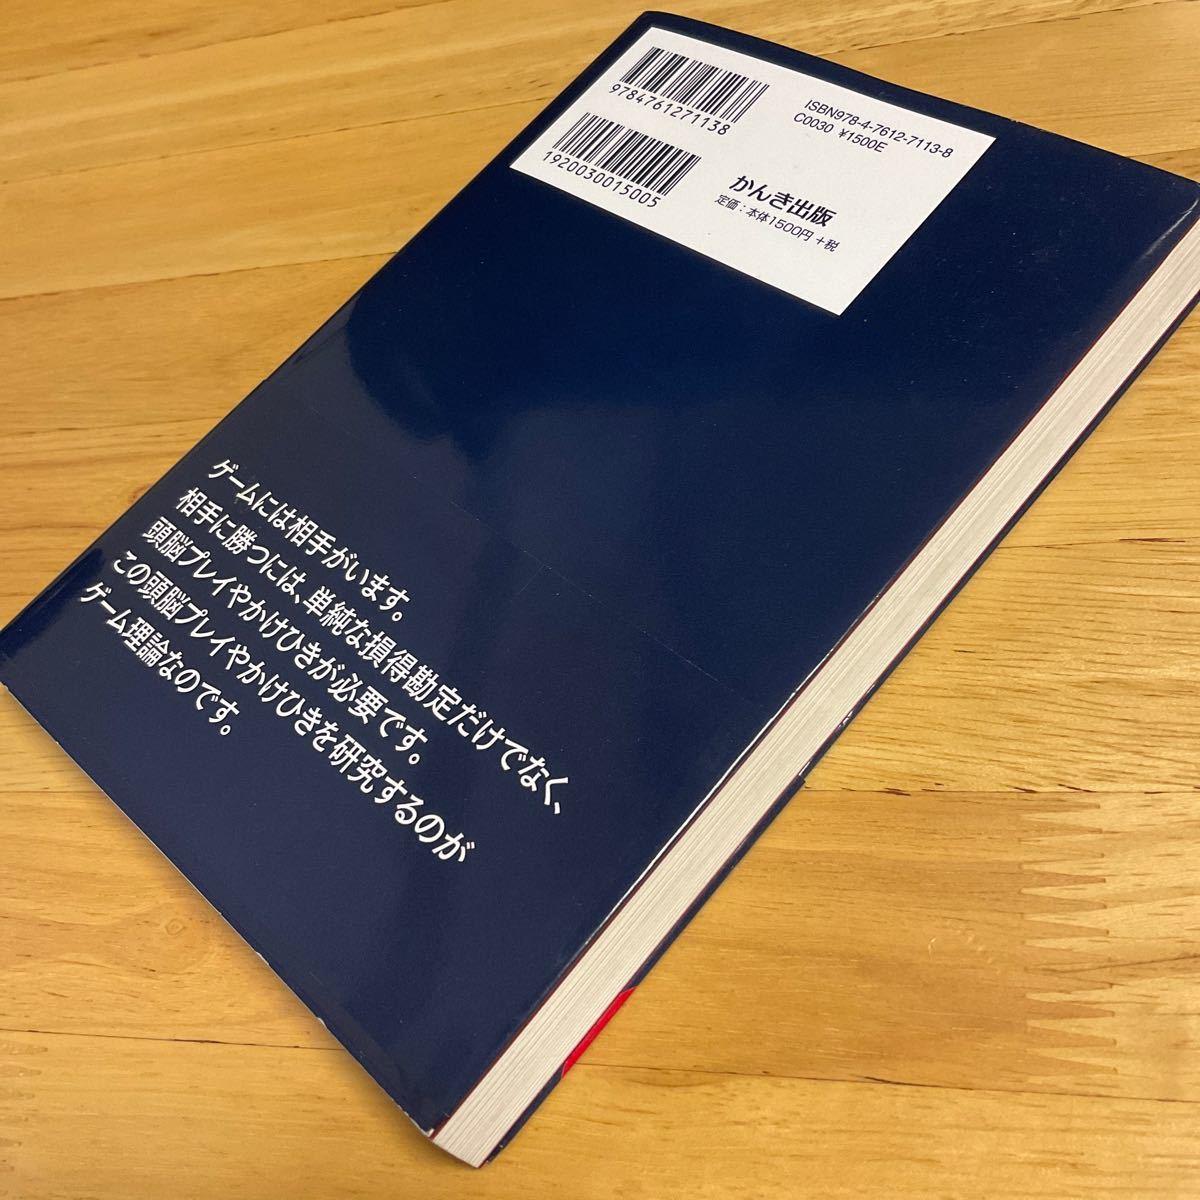 戦略思考を磨くゲーム理論トレーニング/逢沢明 (著者)